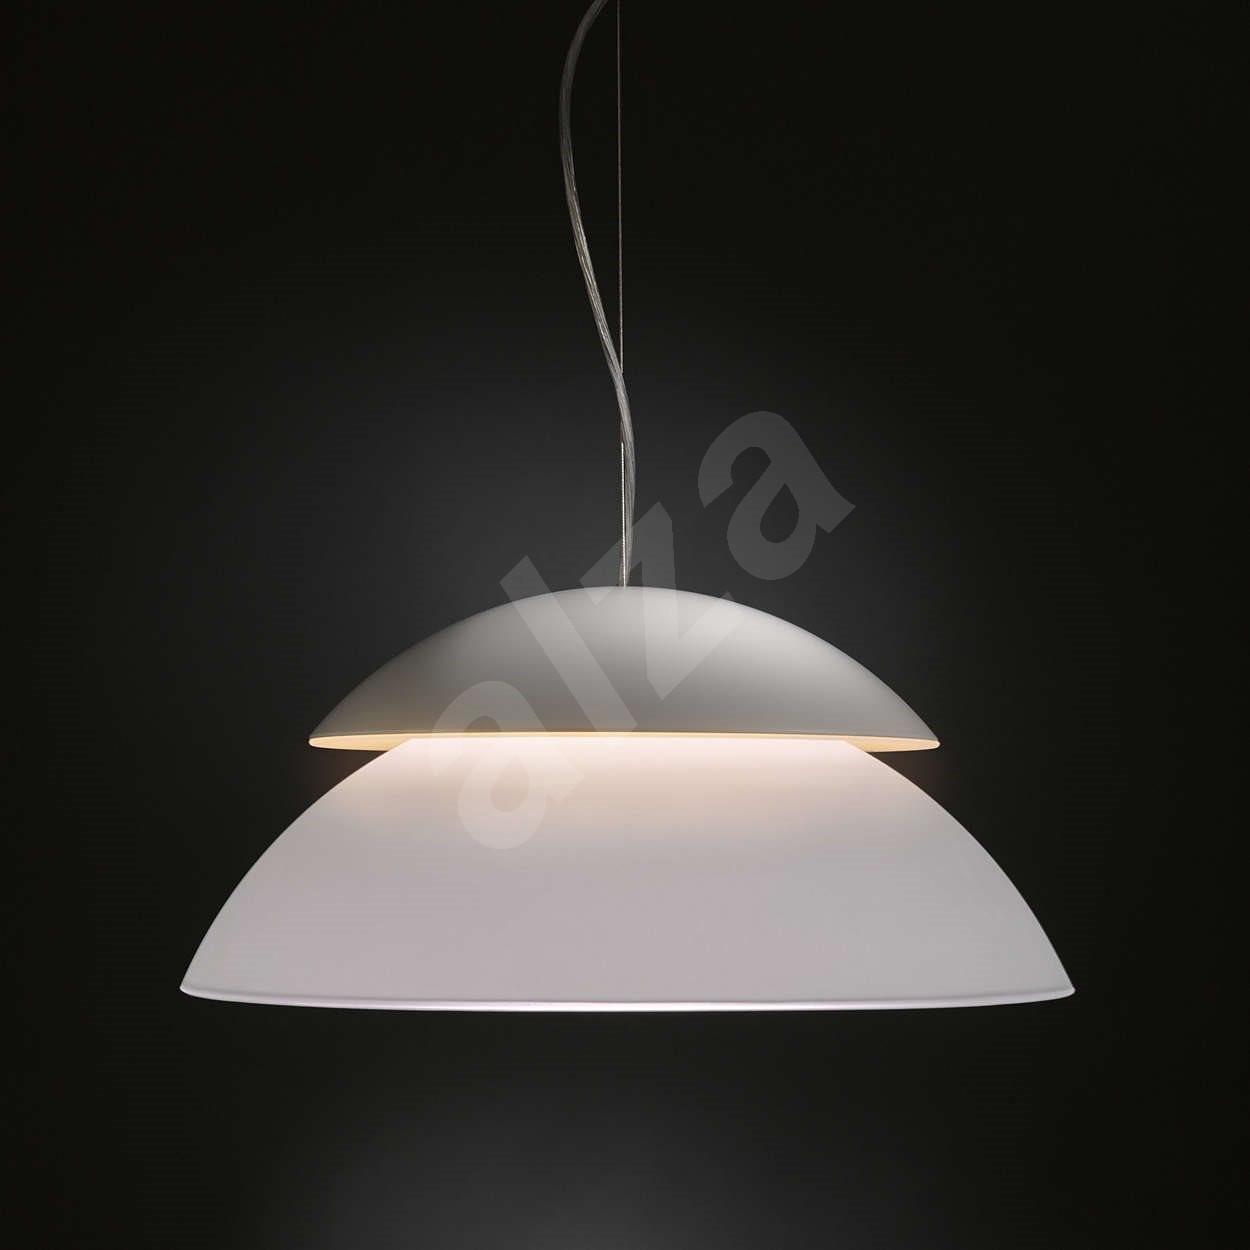 philips hue beyond suspension light lamp. Black Bedroom Furniture Sets. Home Design Ideas